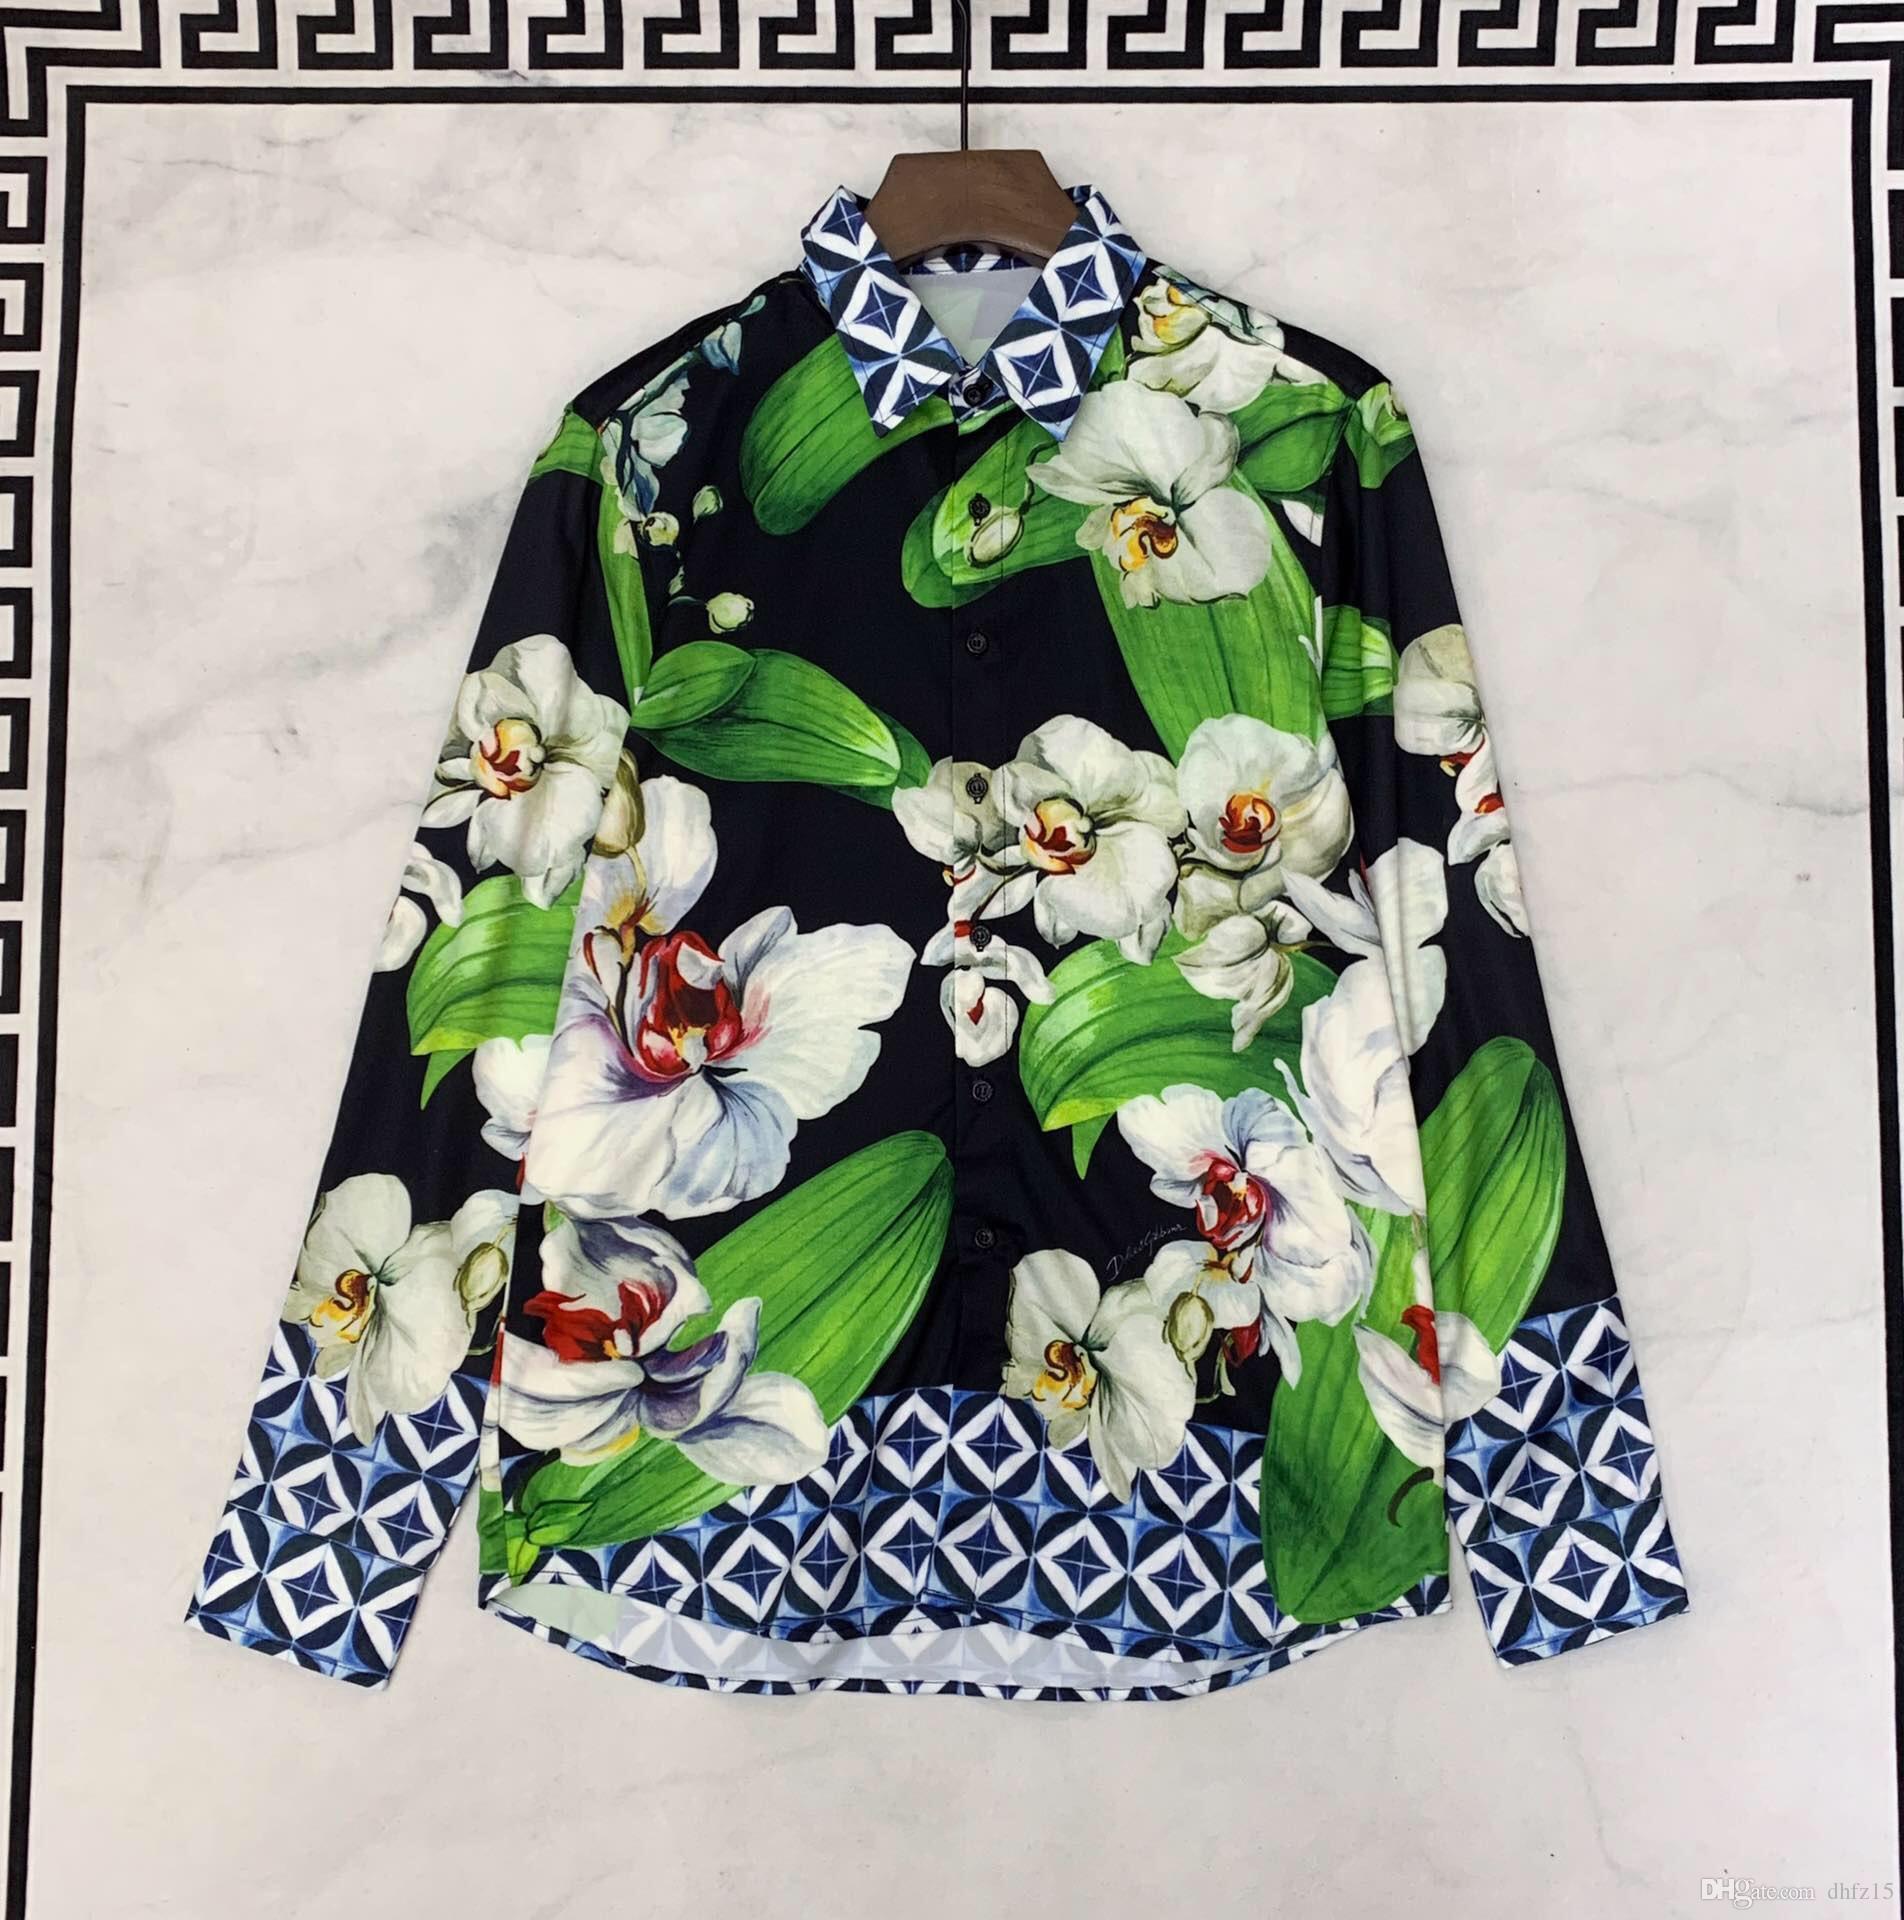 2019 Nouveau Luxe Hommes Chemise Décontractée motif Designer Mode Chemises Hommes Designer Manches Longues Floral vêtements sociaux Camisa Vêtements Taille S-3XL